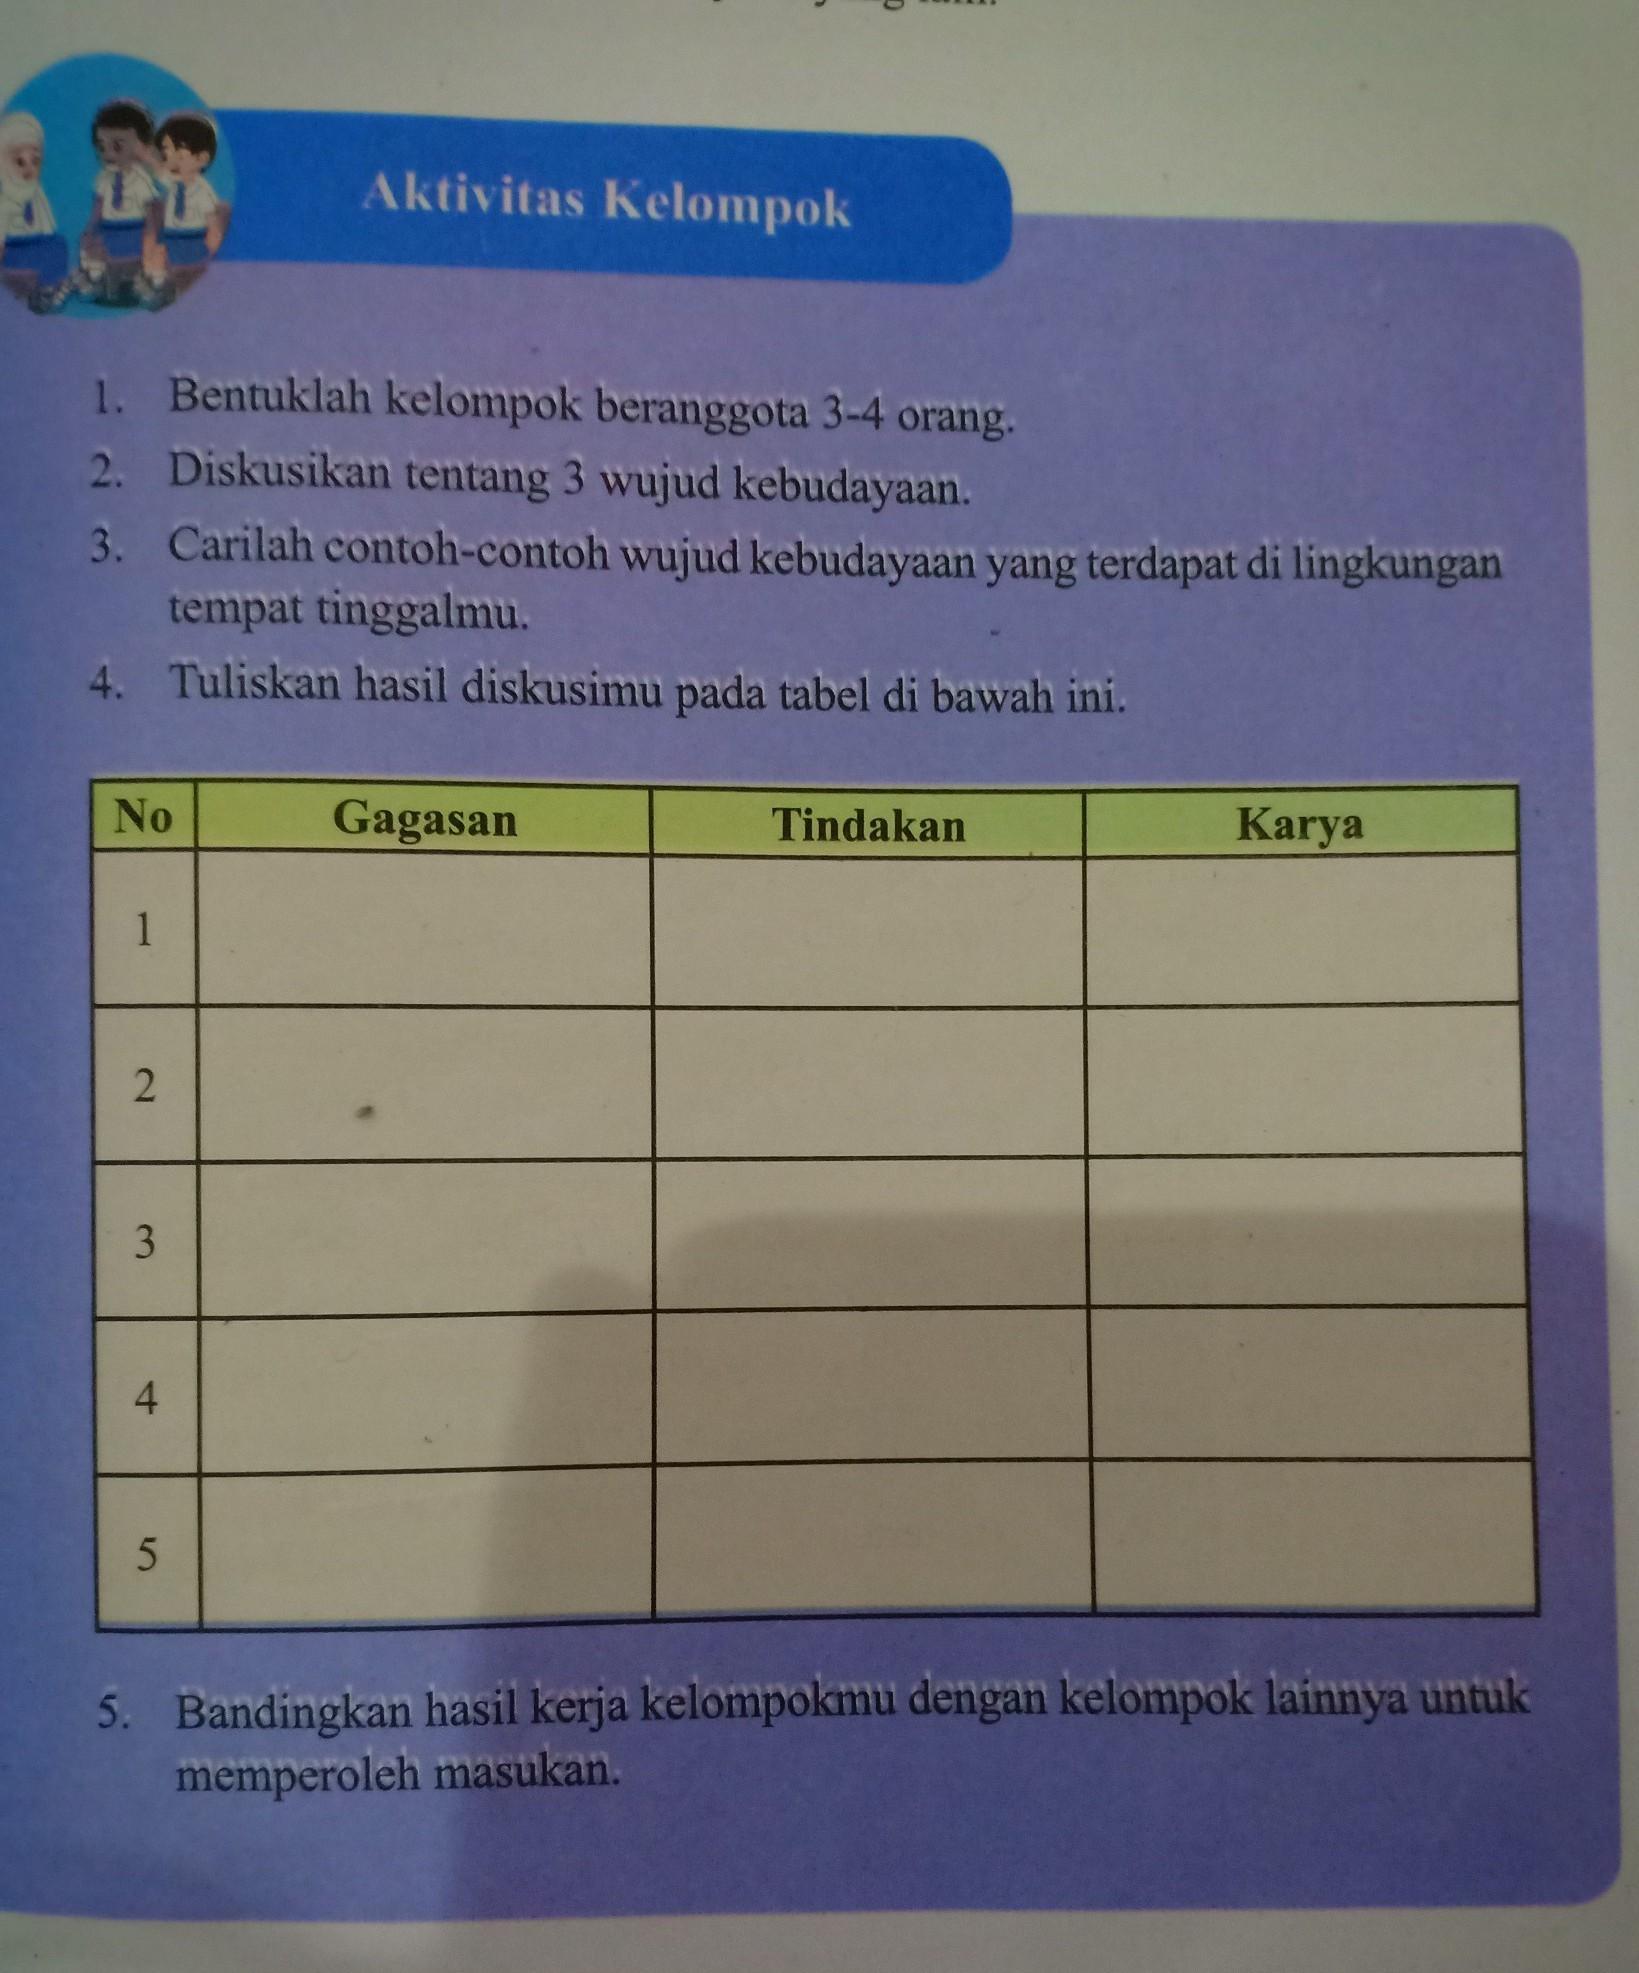 Jawaban Aktivitas Kelompok Ips Kelas 9 Halaman 48